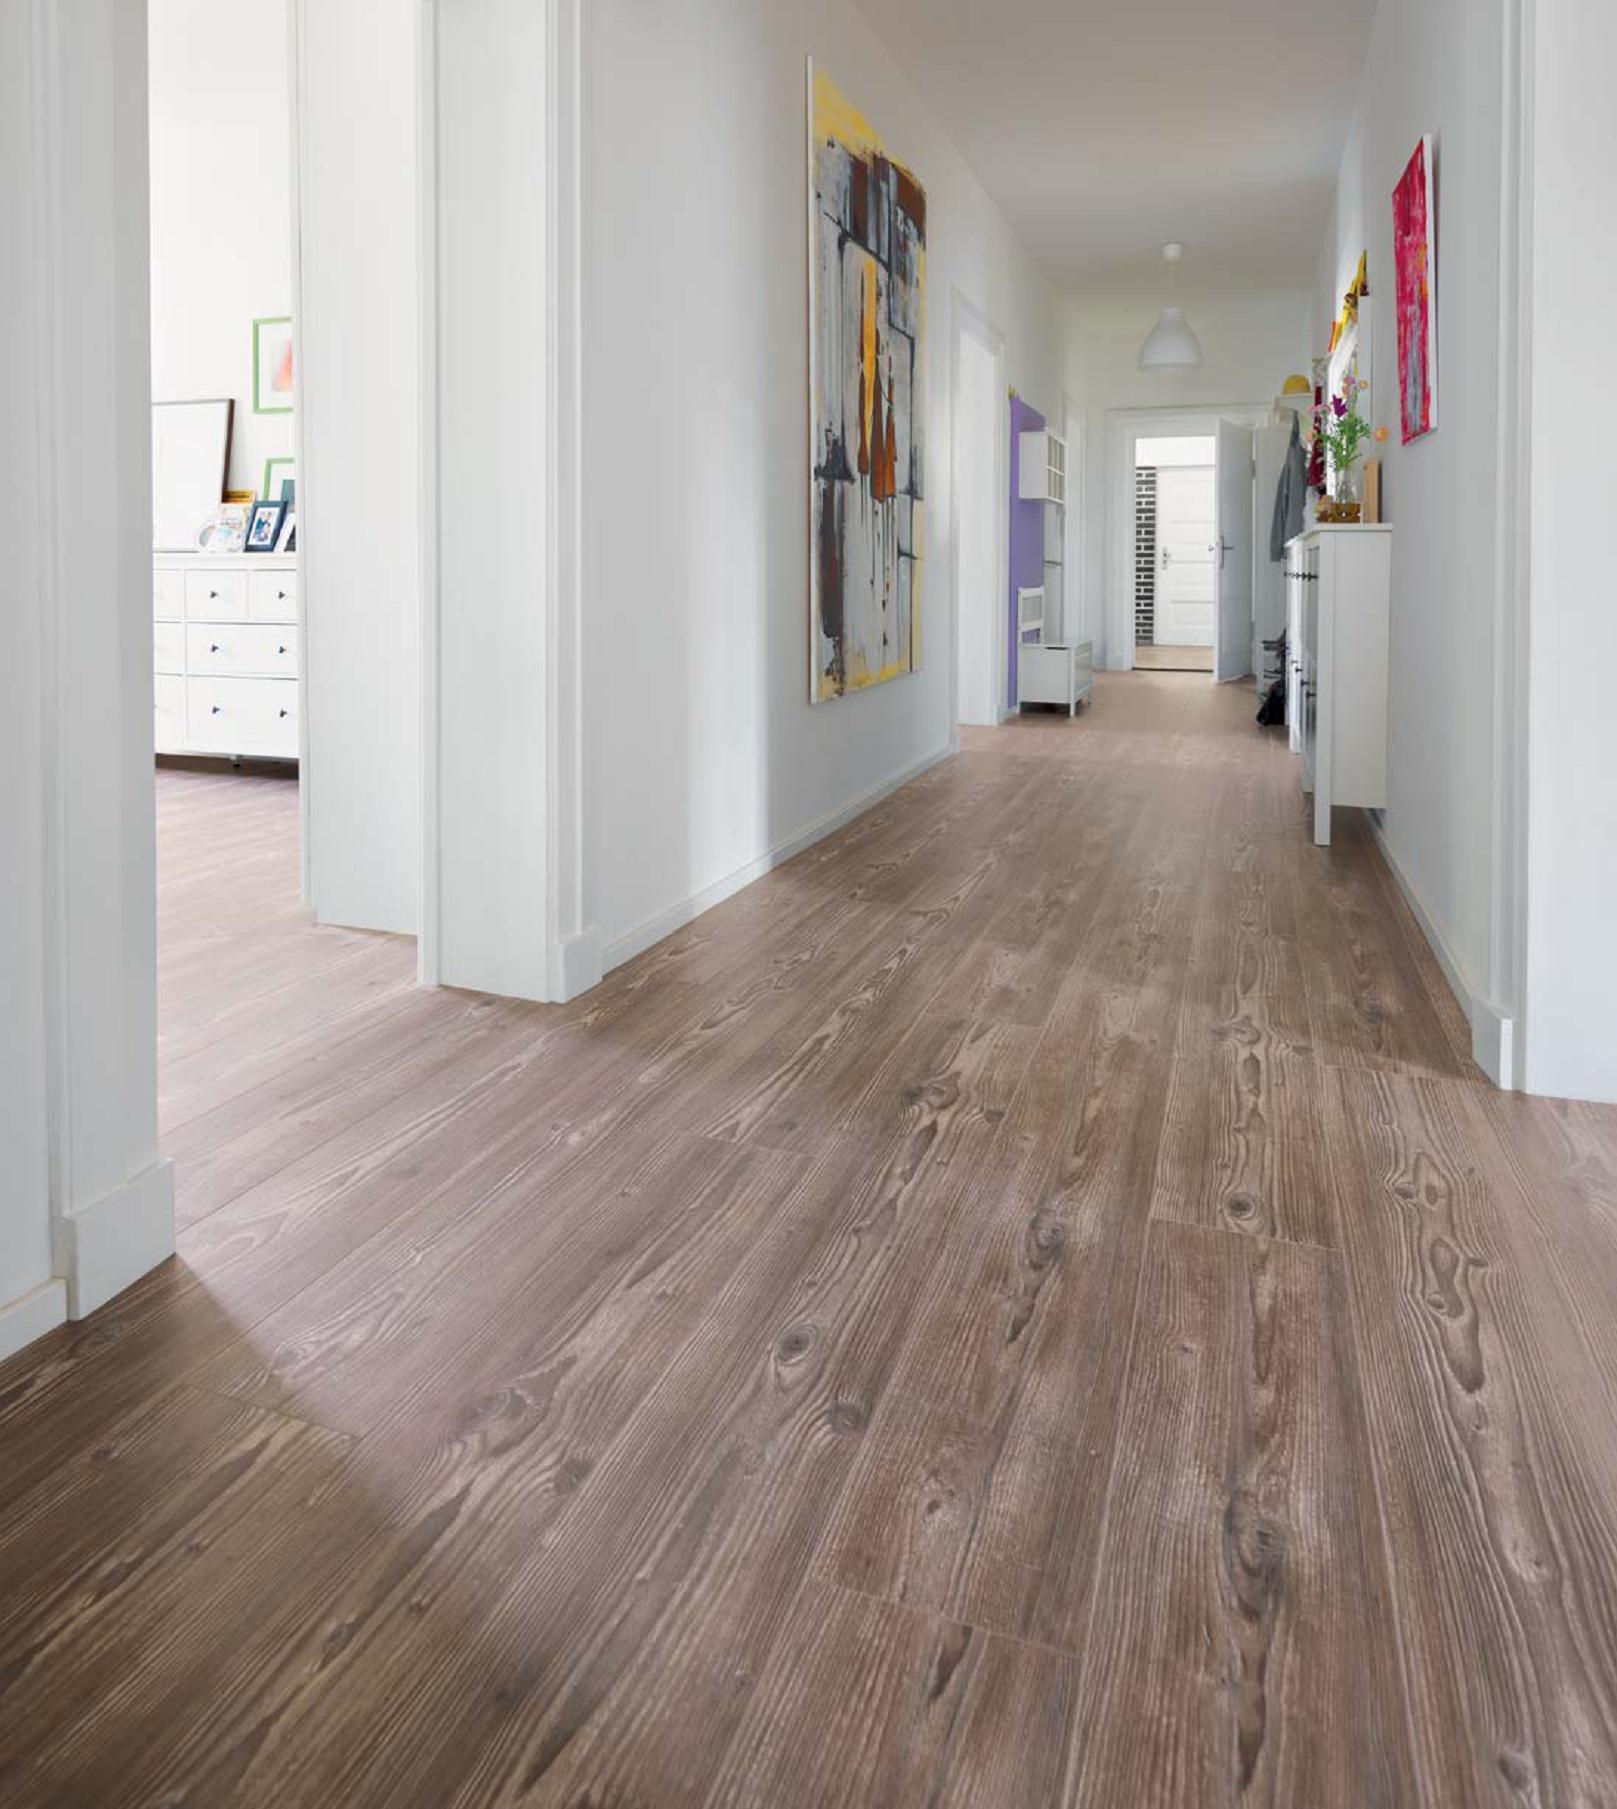 линолеум в узком коридоре современного типа